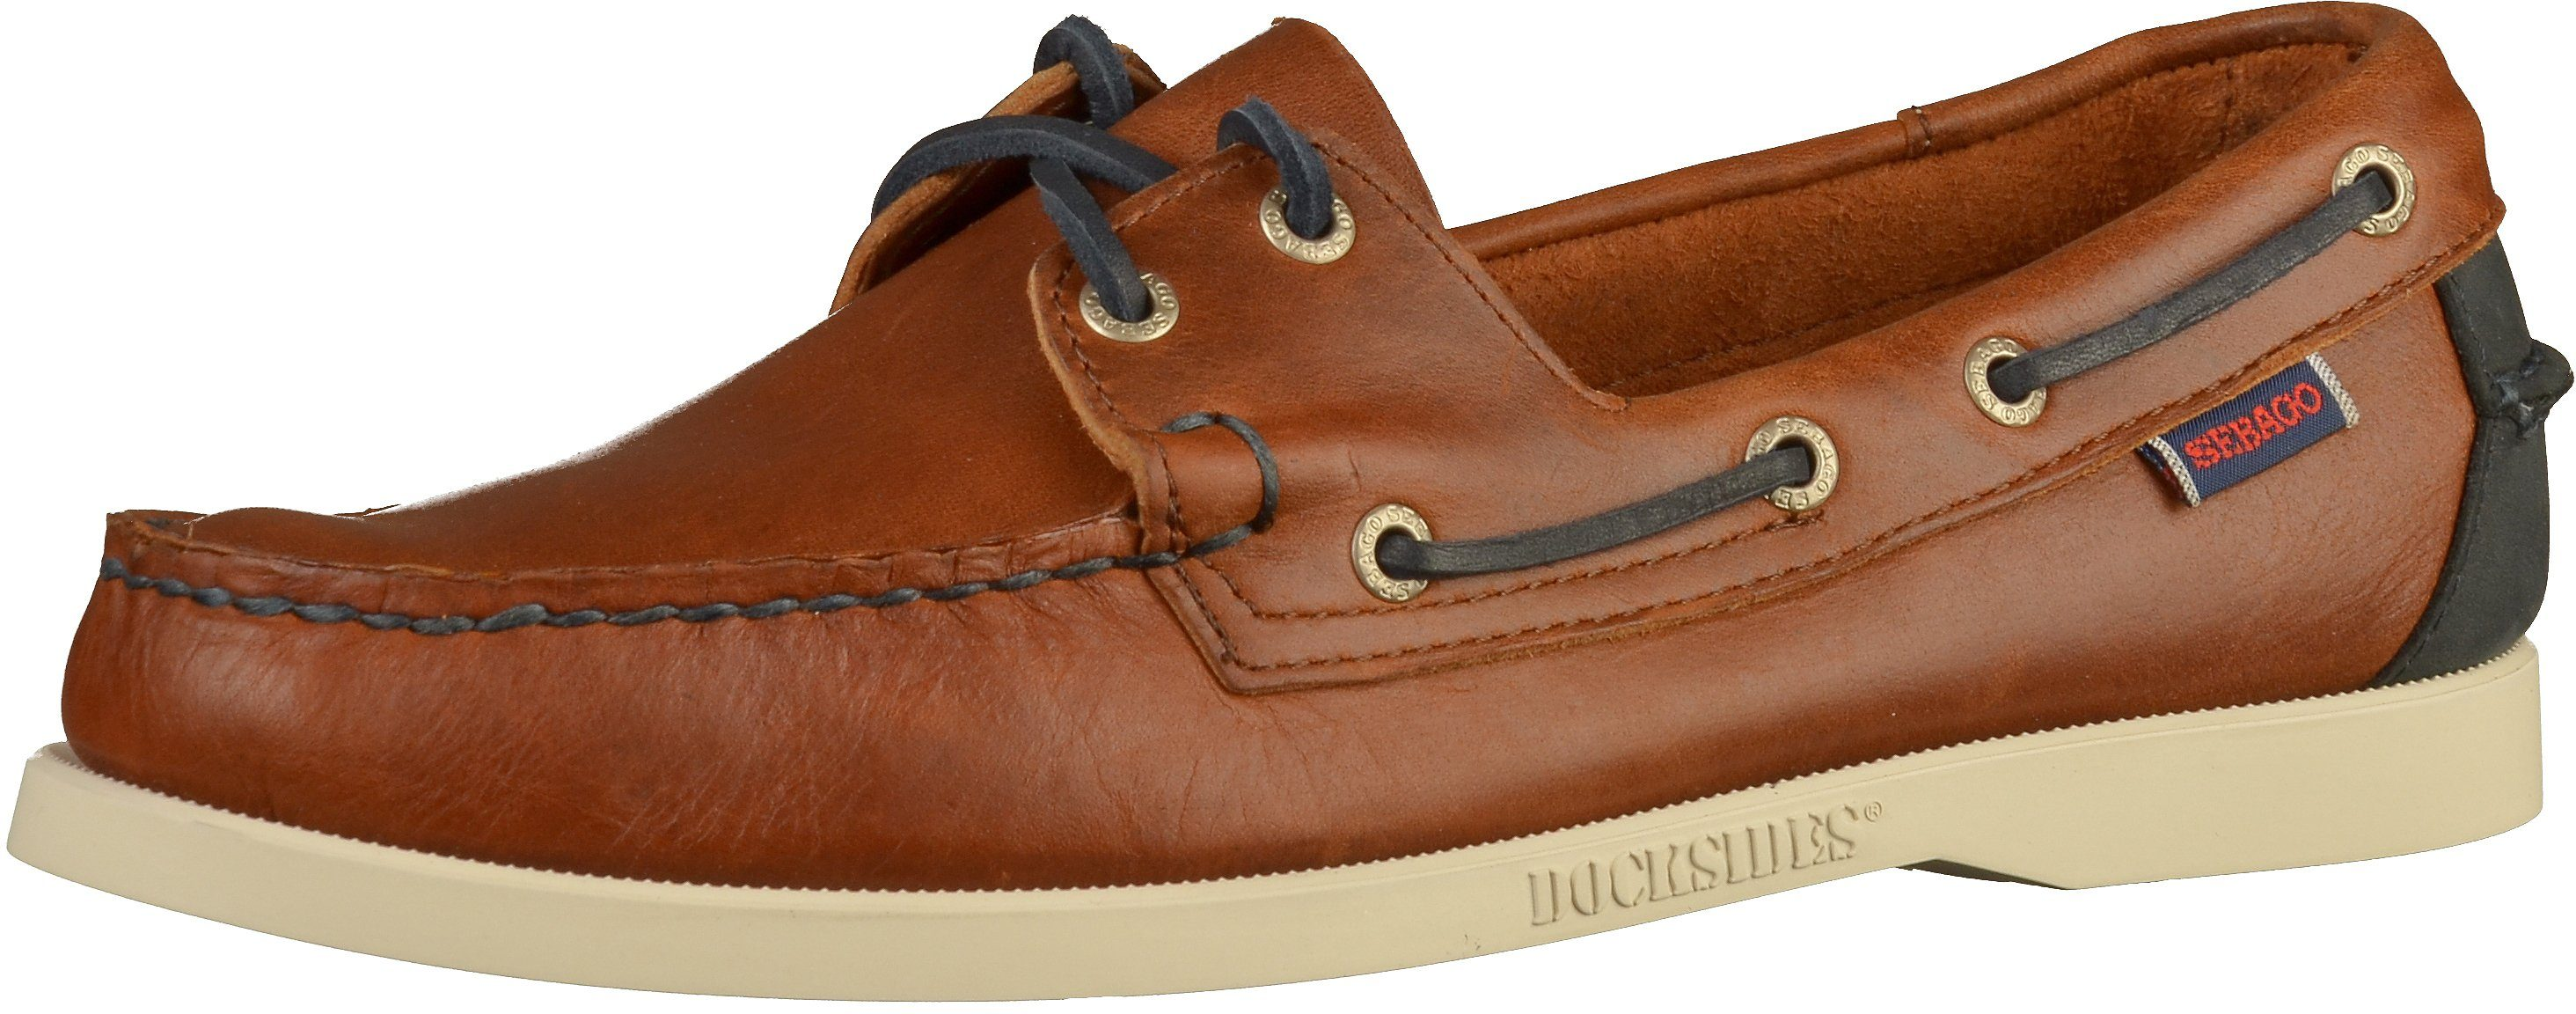 sebago -  Bootsschuh Leder